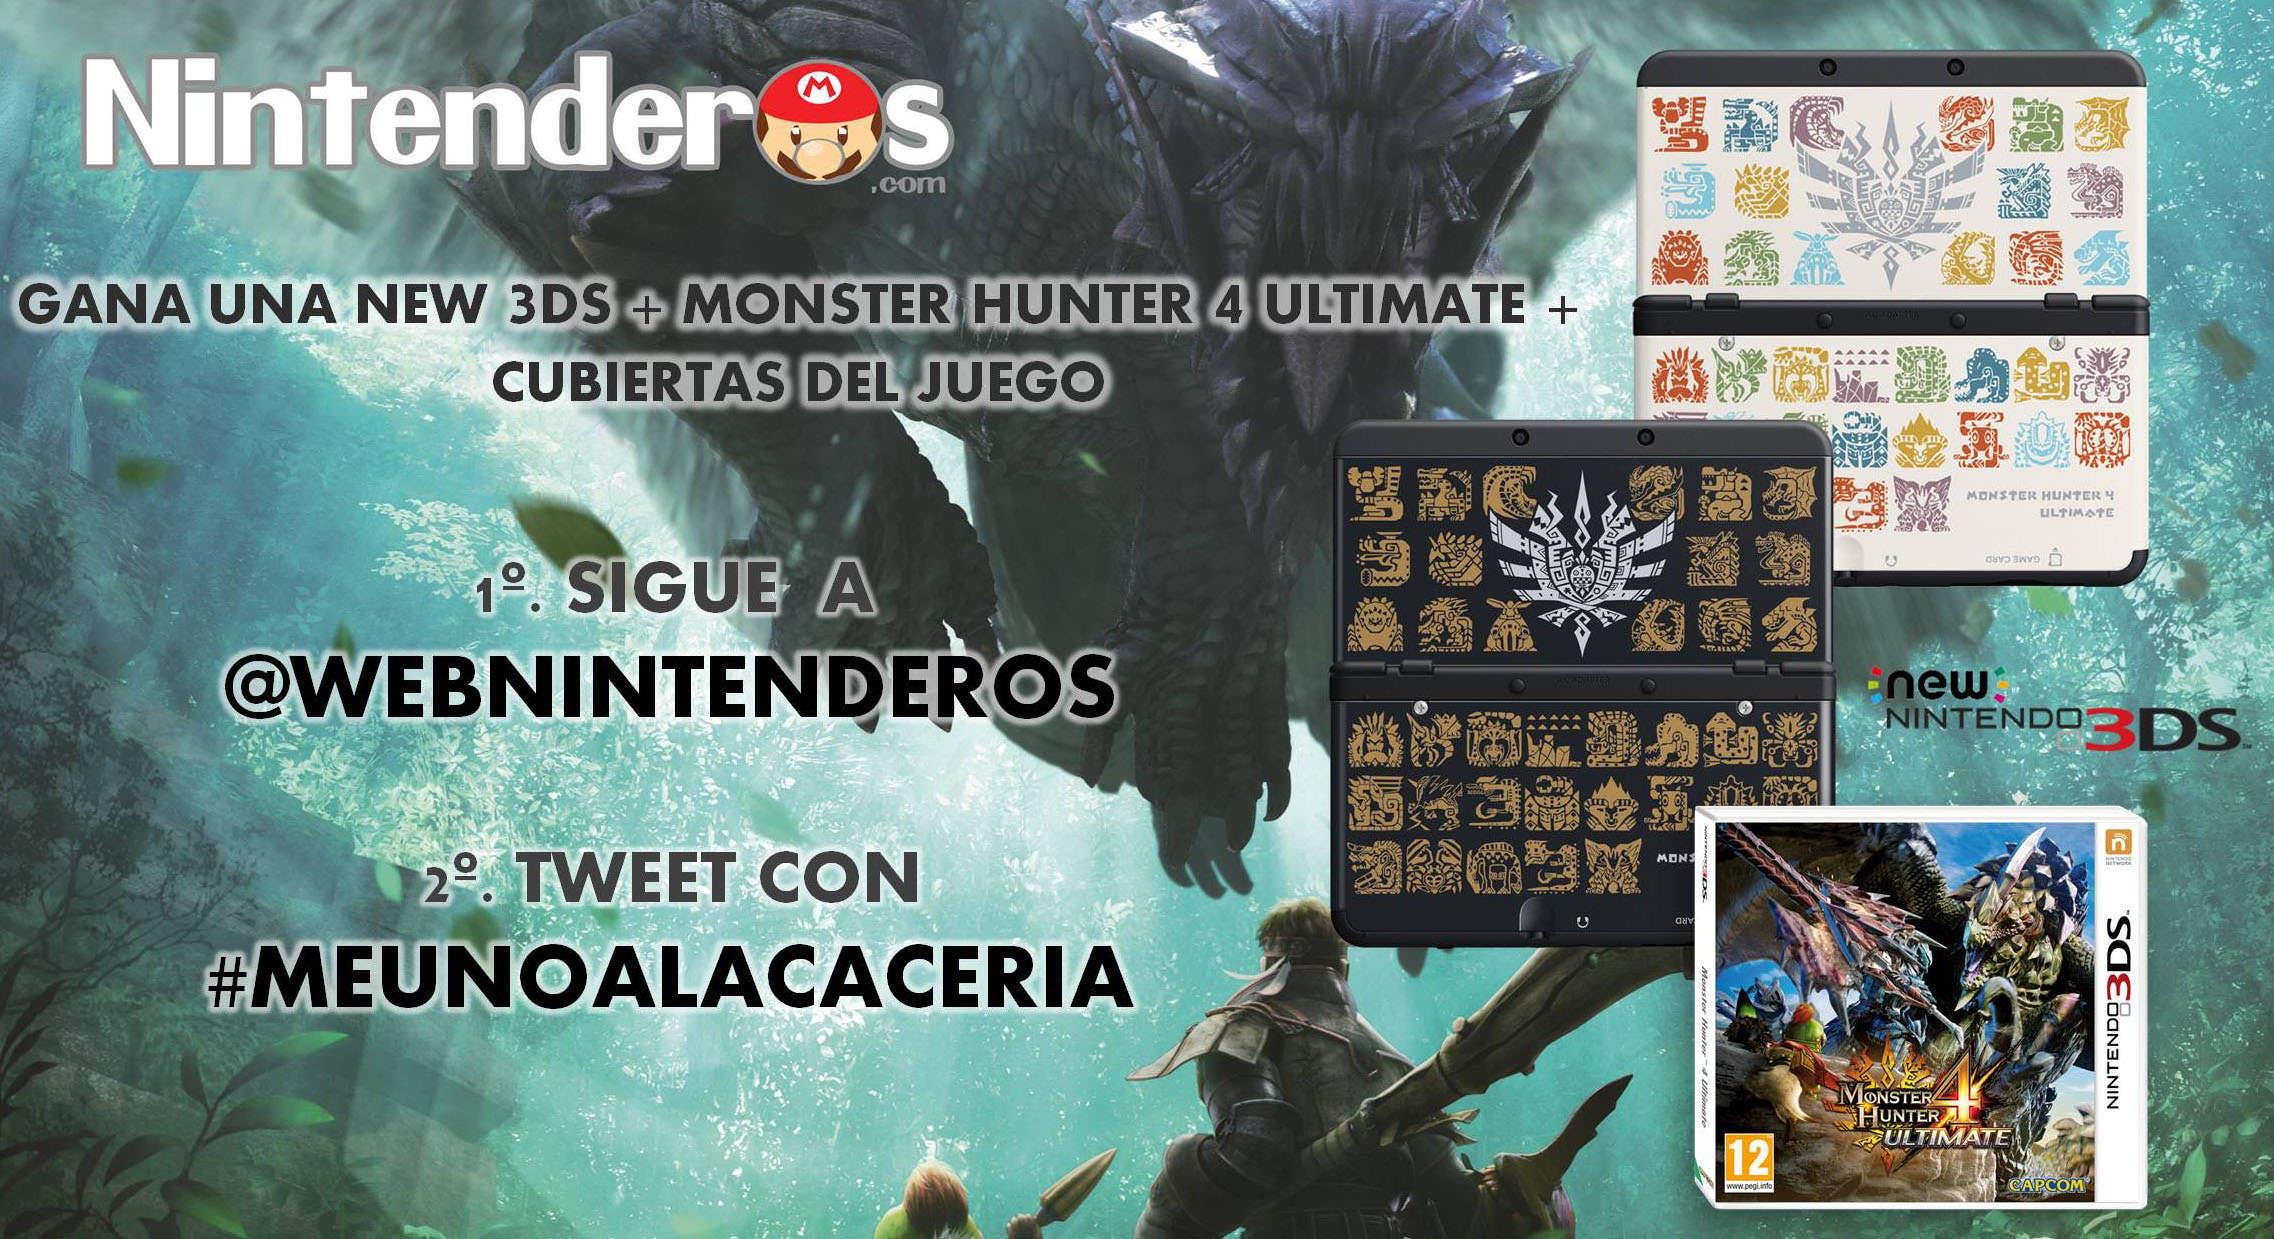 ¡Gana una New 3DS con el juego y las cubiertas de 'Monster Hunter 4 Ultimate'!